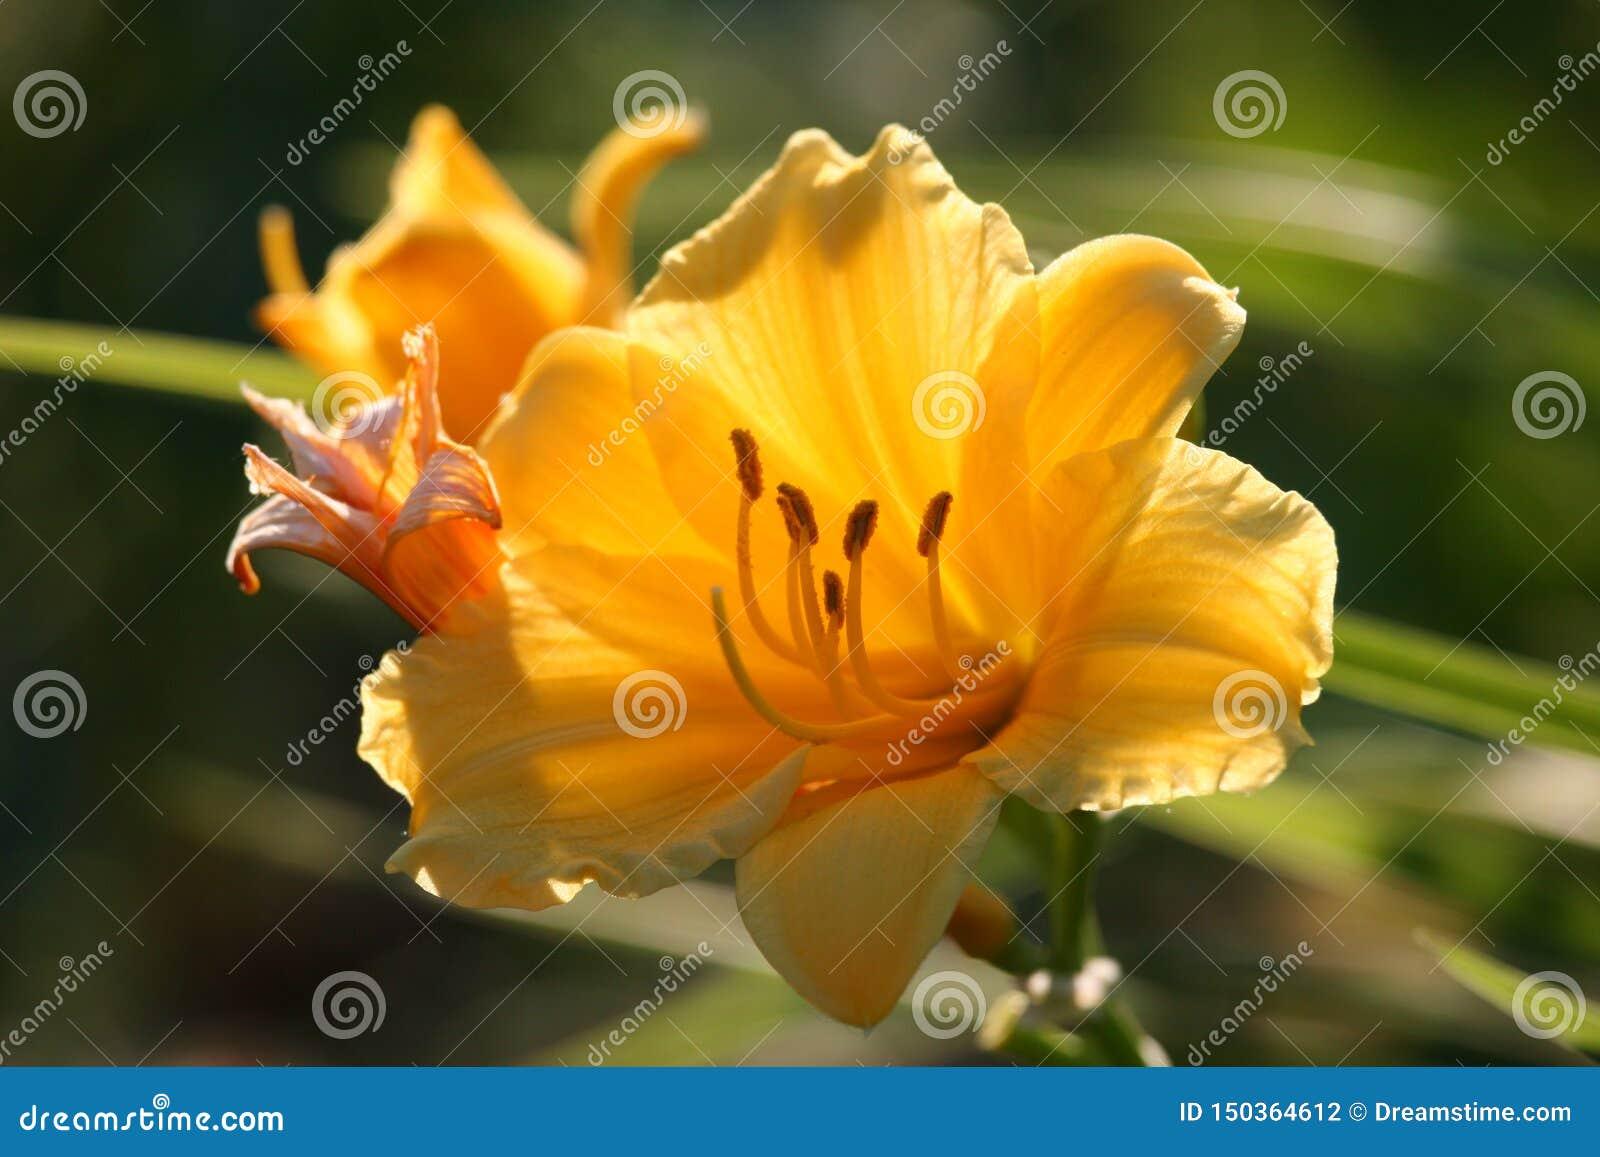 Stella de Oro Daylily de oro